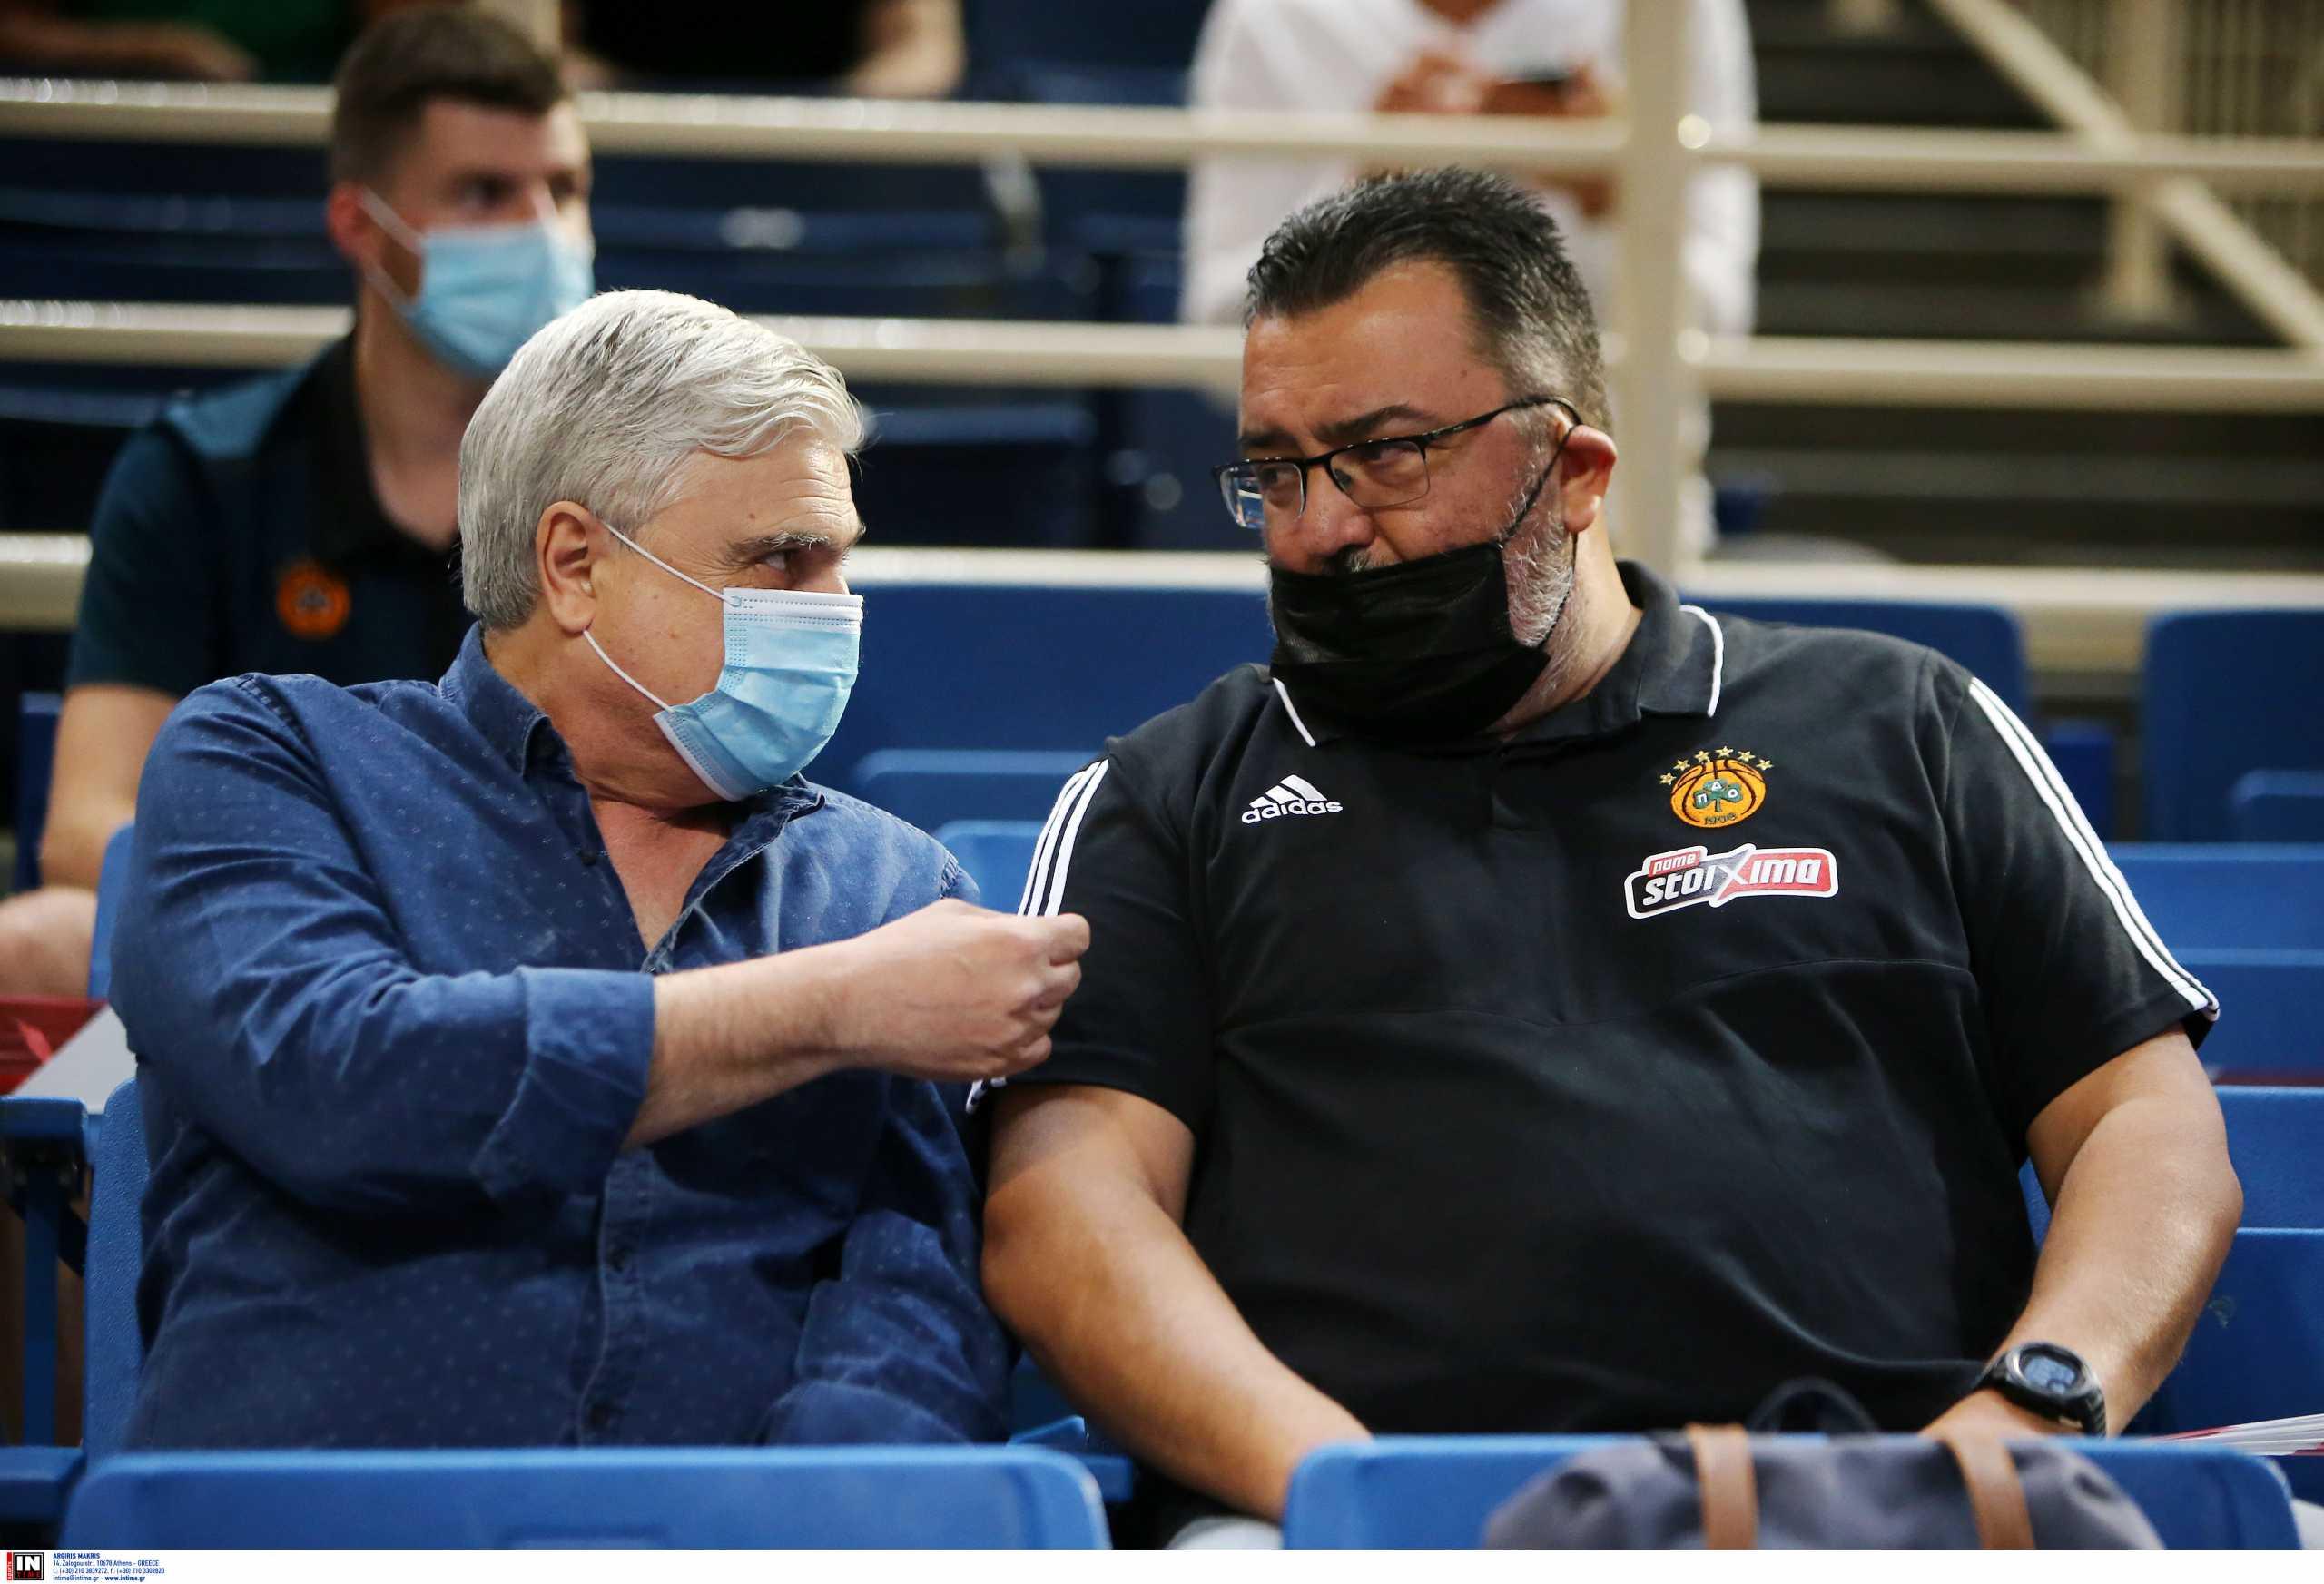 Τριαντόπουλος για το θέμα προπονητή στον Παναθηναϊκό: «Πρώτα θα μιλήσουμε με Κάτας, καμία επαφή με Ομπράντοβιτς»